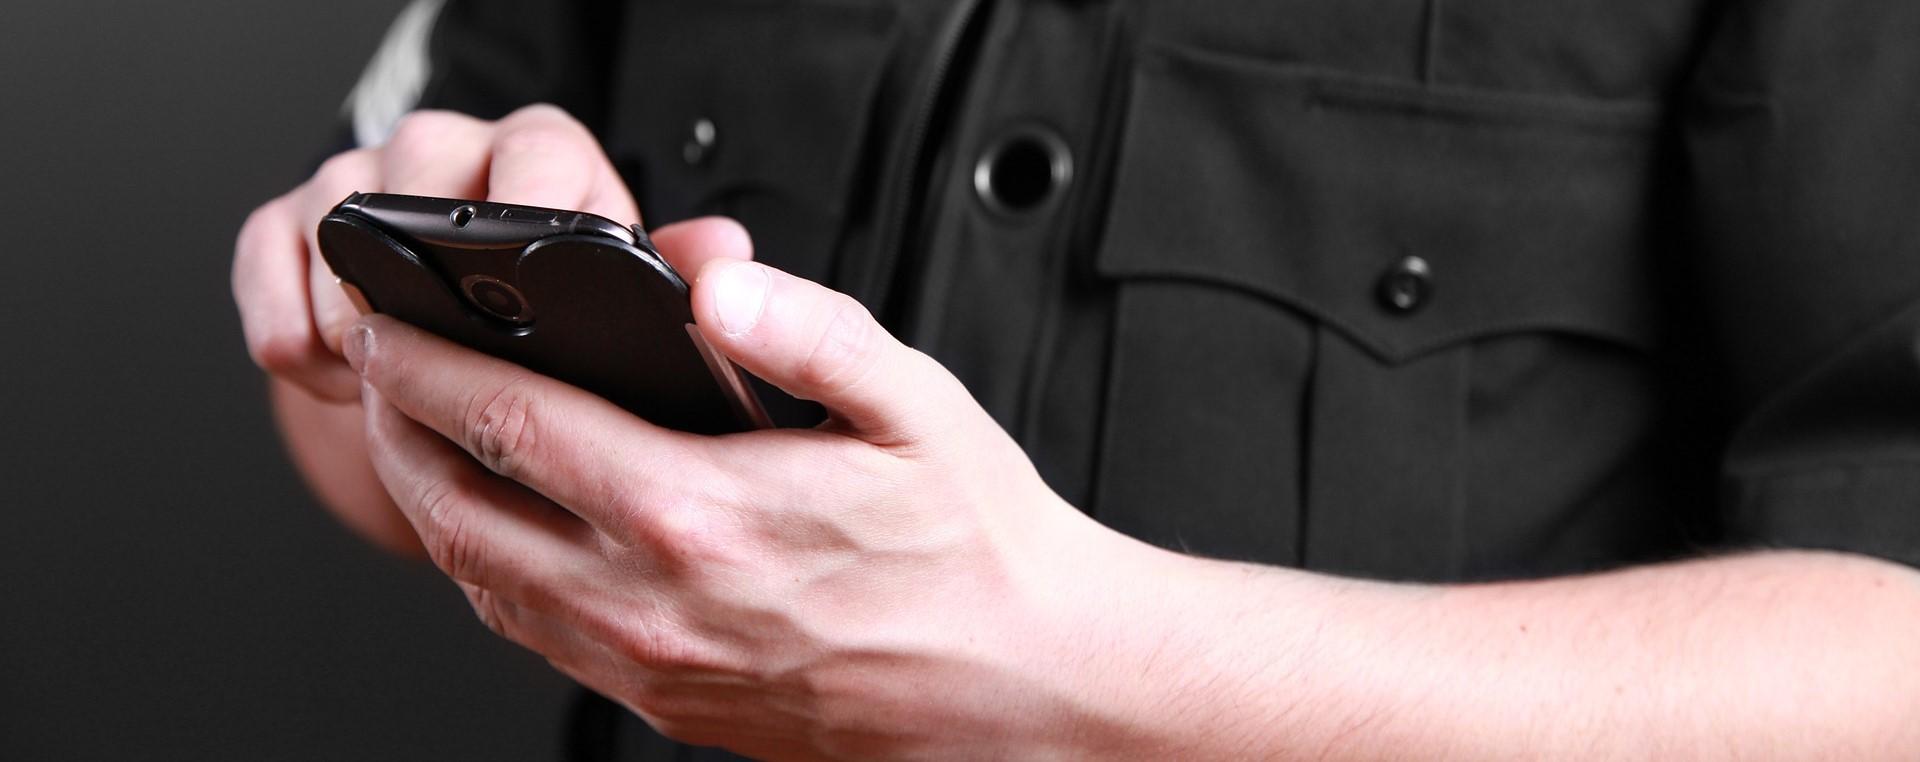 Servicios de vigilantes de seguridad para el hogar o la empresa